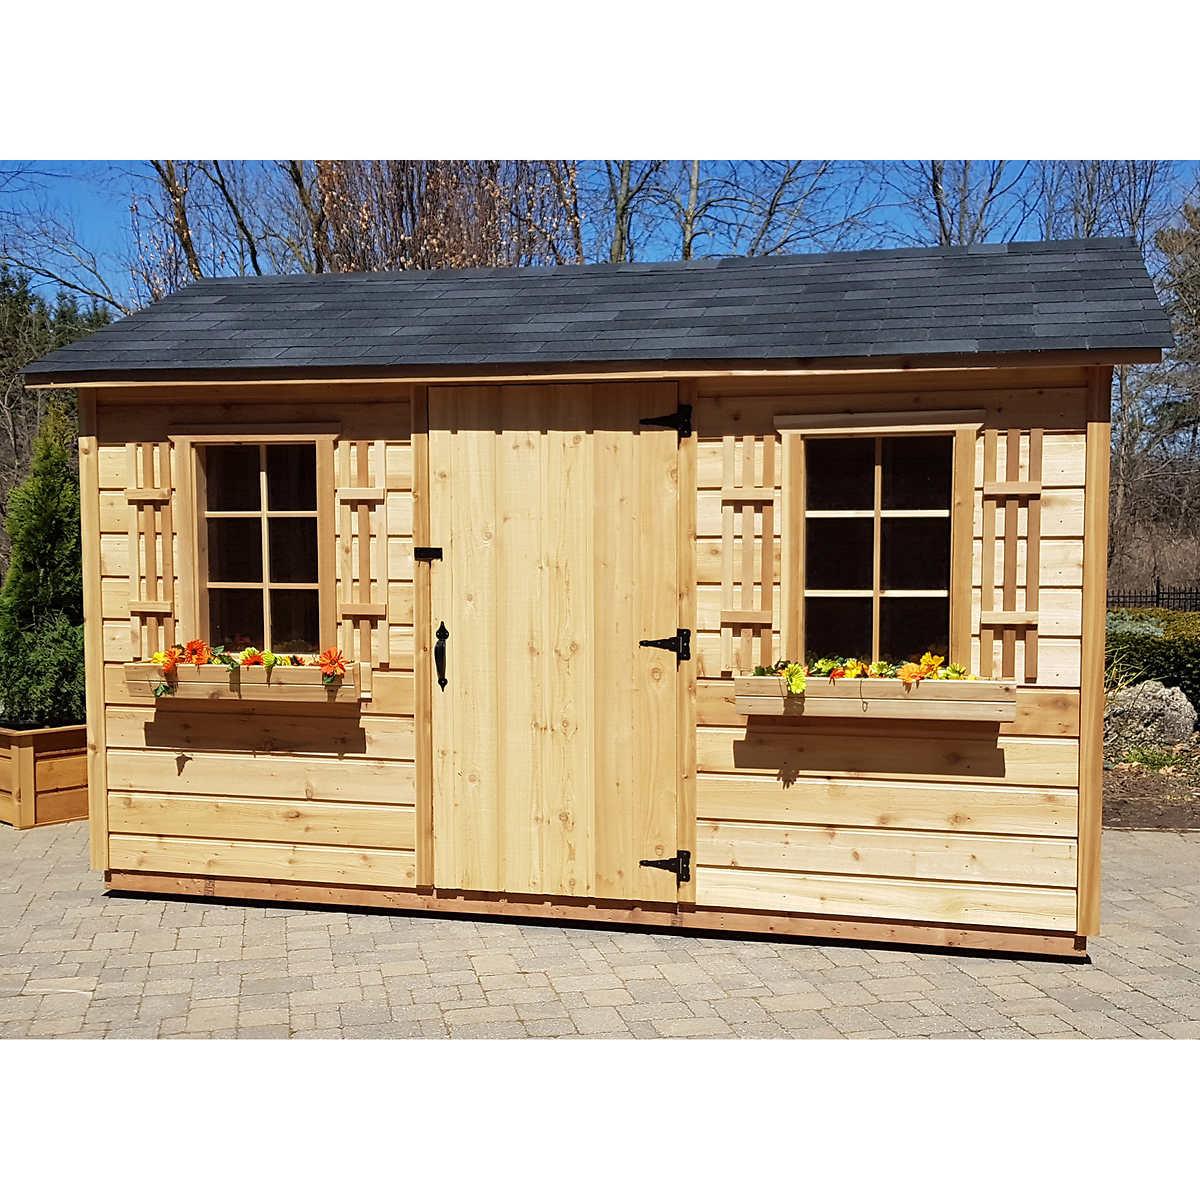 hampton 24 m x 37 m 8 ft x 12 ft storage shed - Garden Sheds 8 X 12